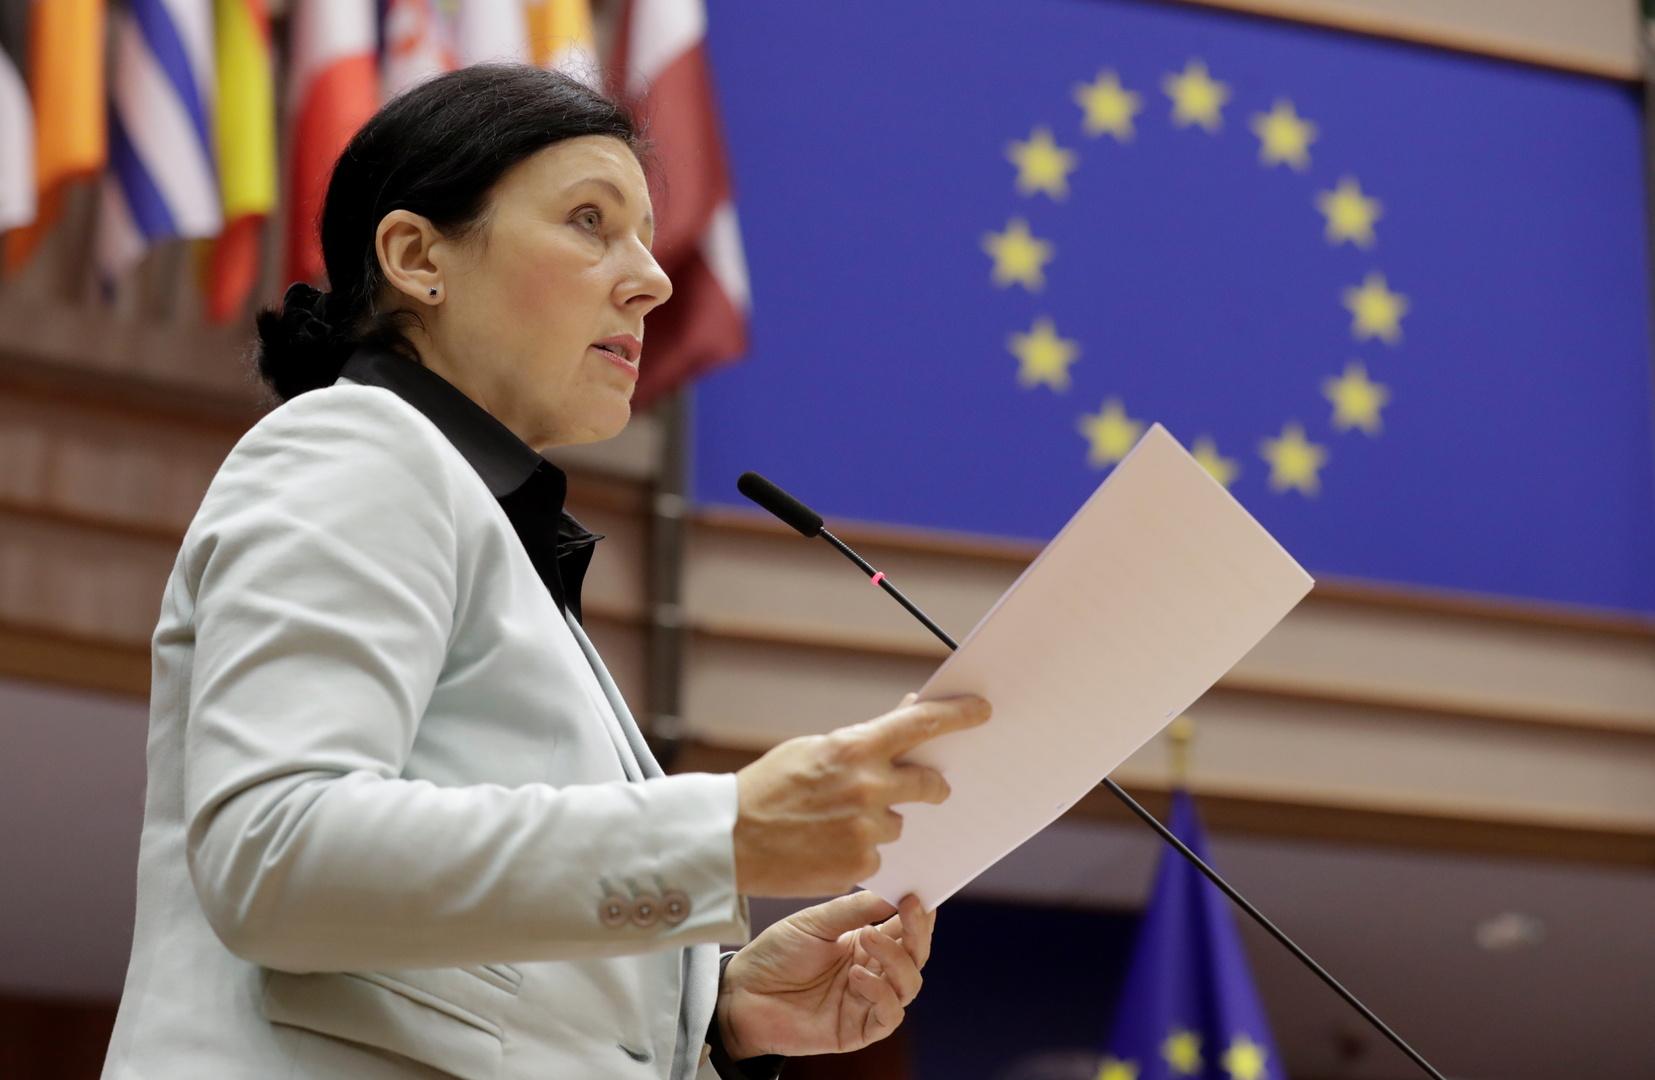 فيرا يوروفا، نائبة رئيسة المفوضية الأوروبية